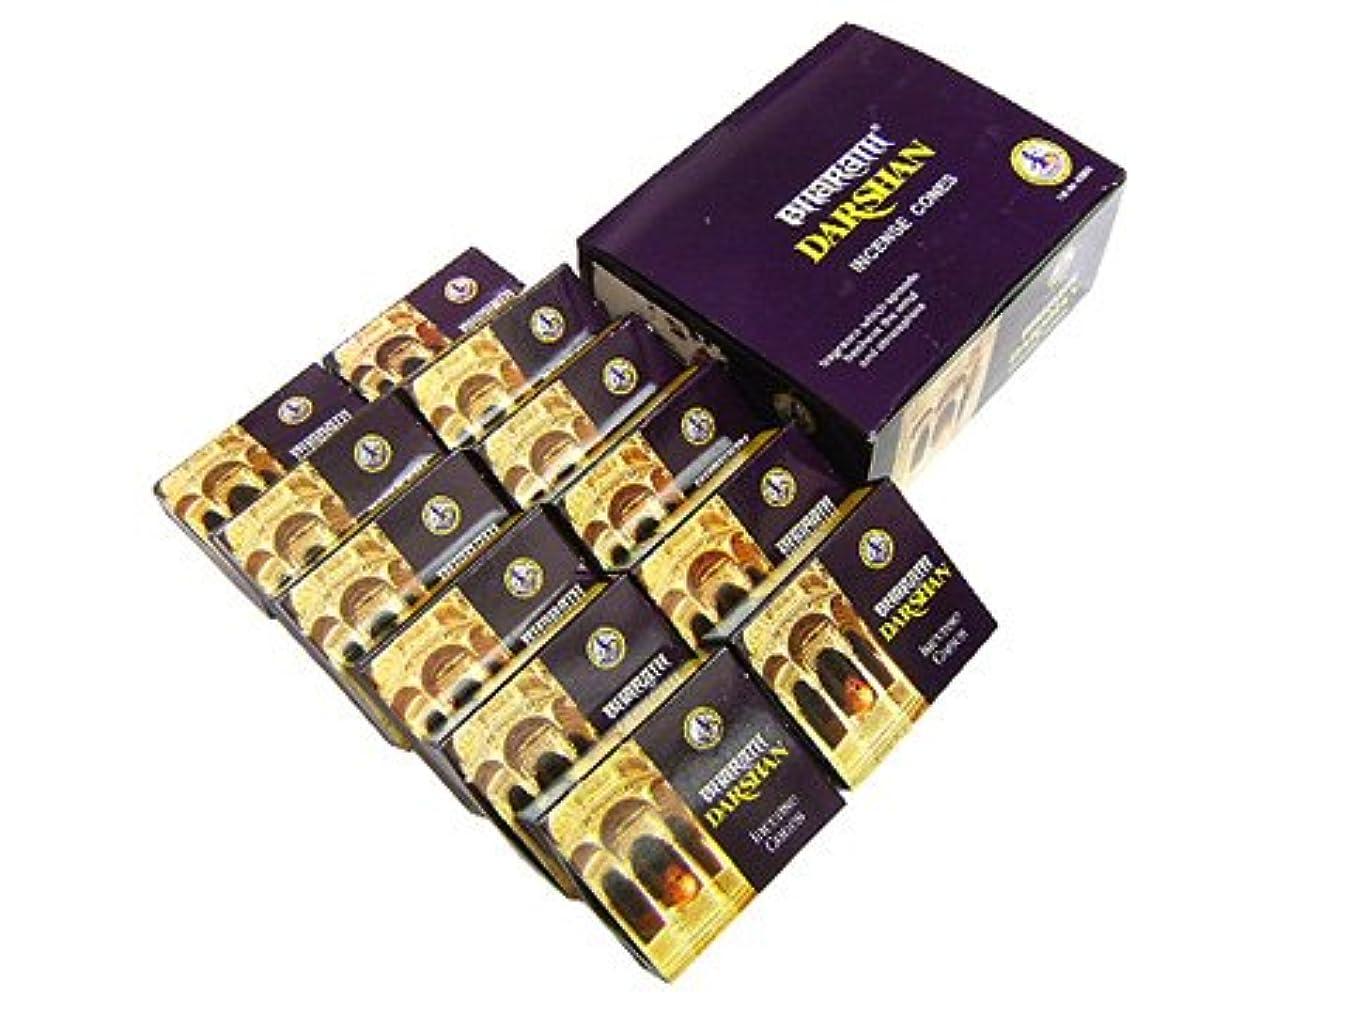 好色なする必要がある箱ASOKA TRADING(アショーカ トレーディング) バハラットダルシャン香コーンタイプ TRADING BHARATH DARSHAN CORN 12箱セット